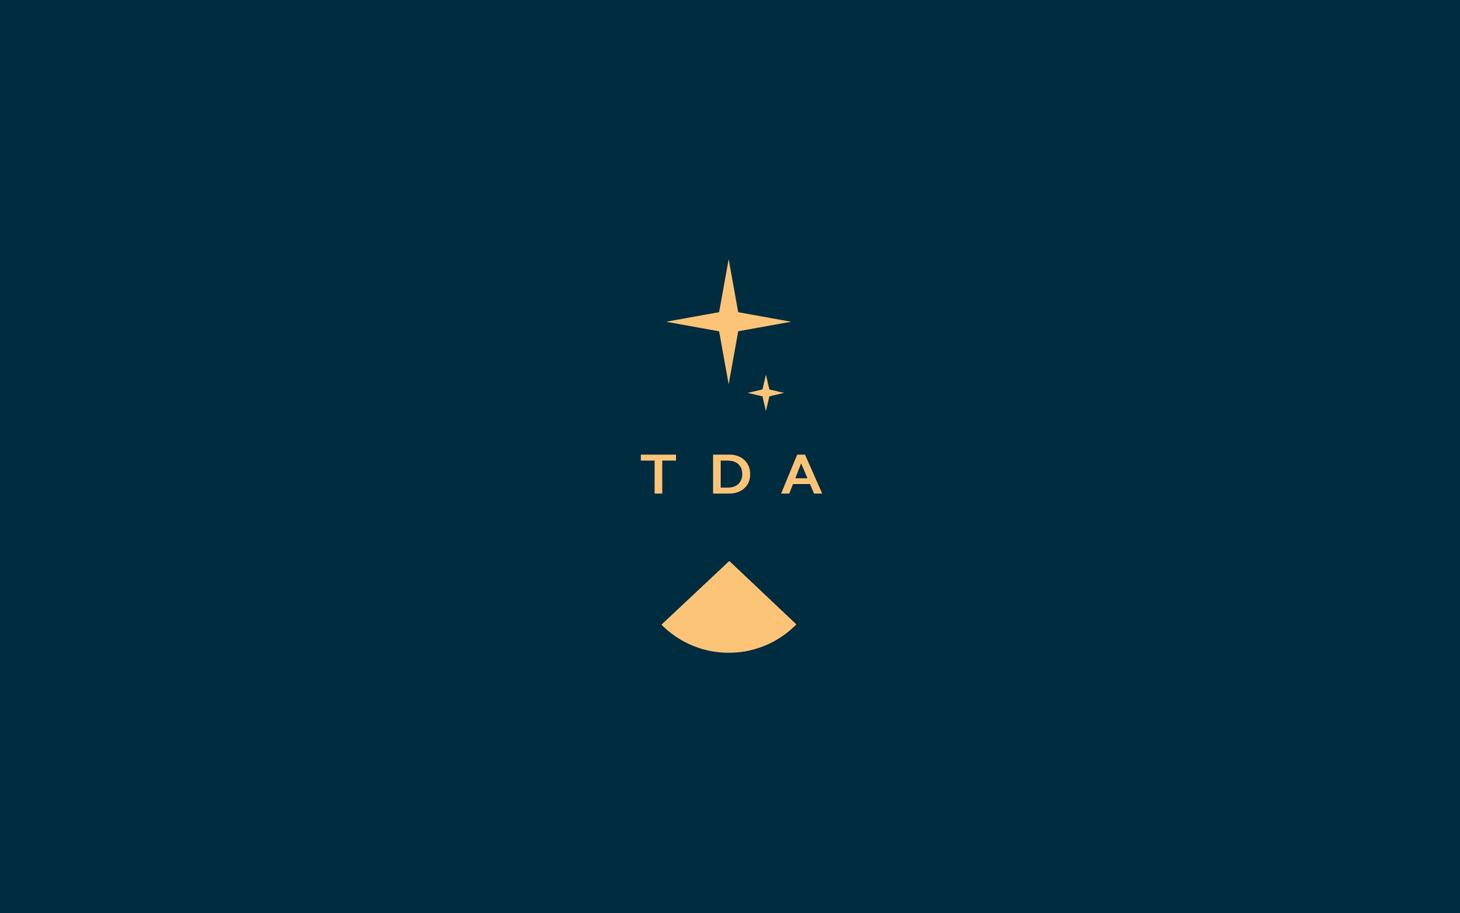 TDA_Logo_1.jpg